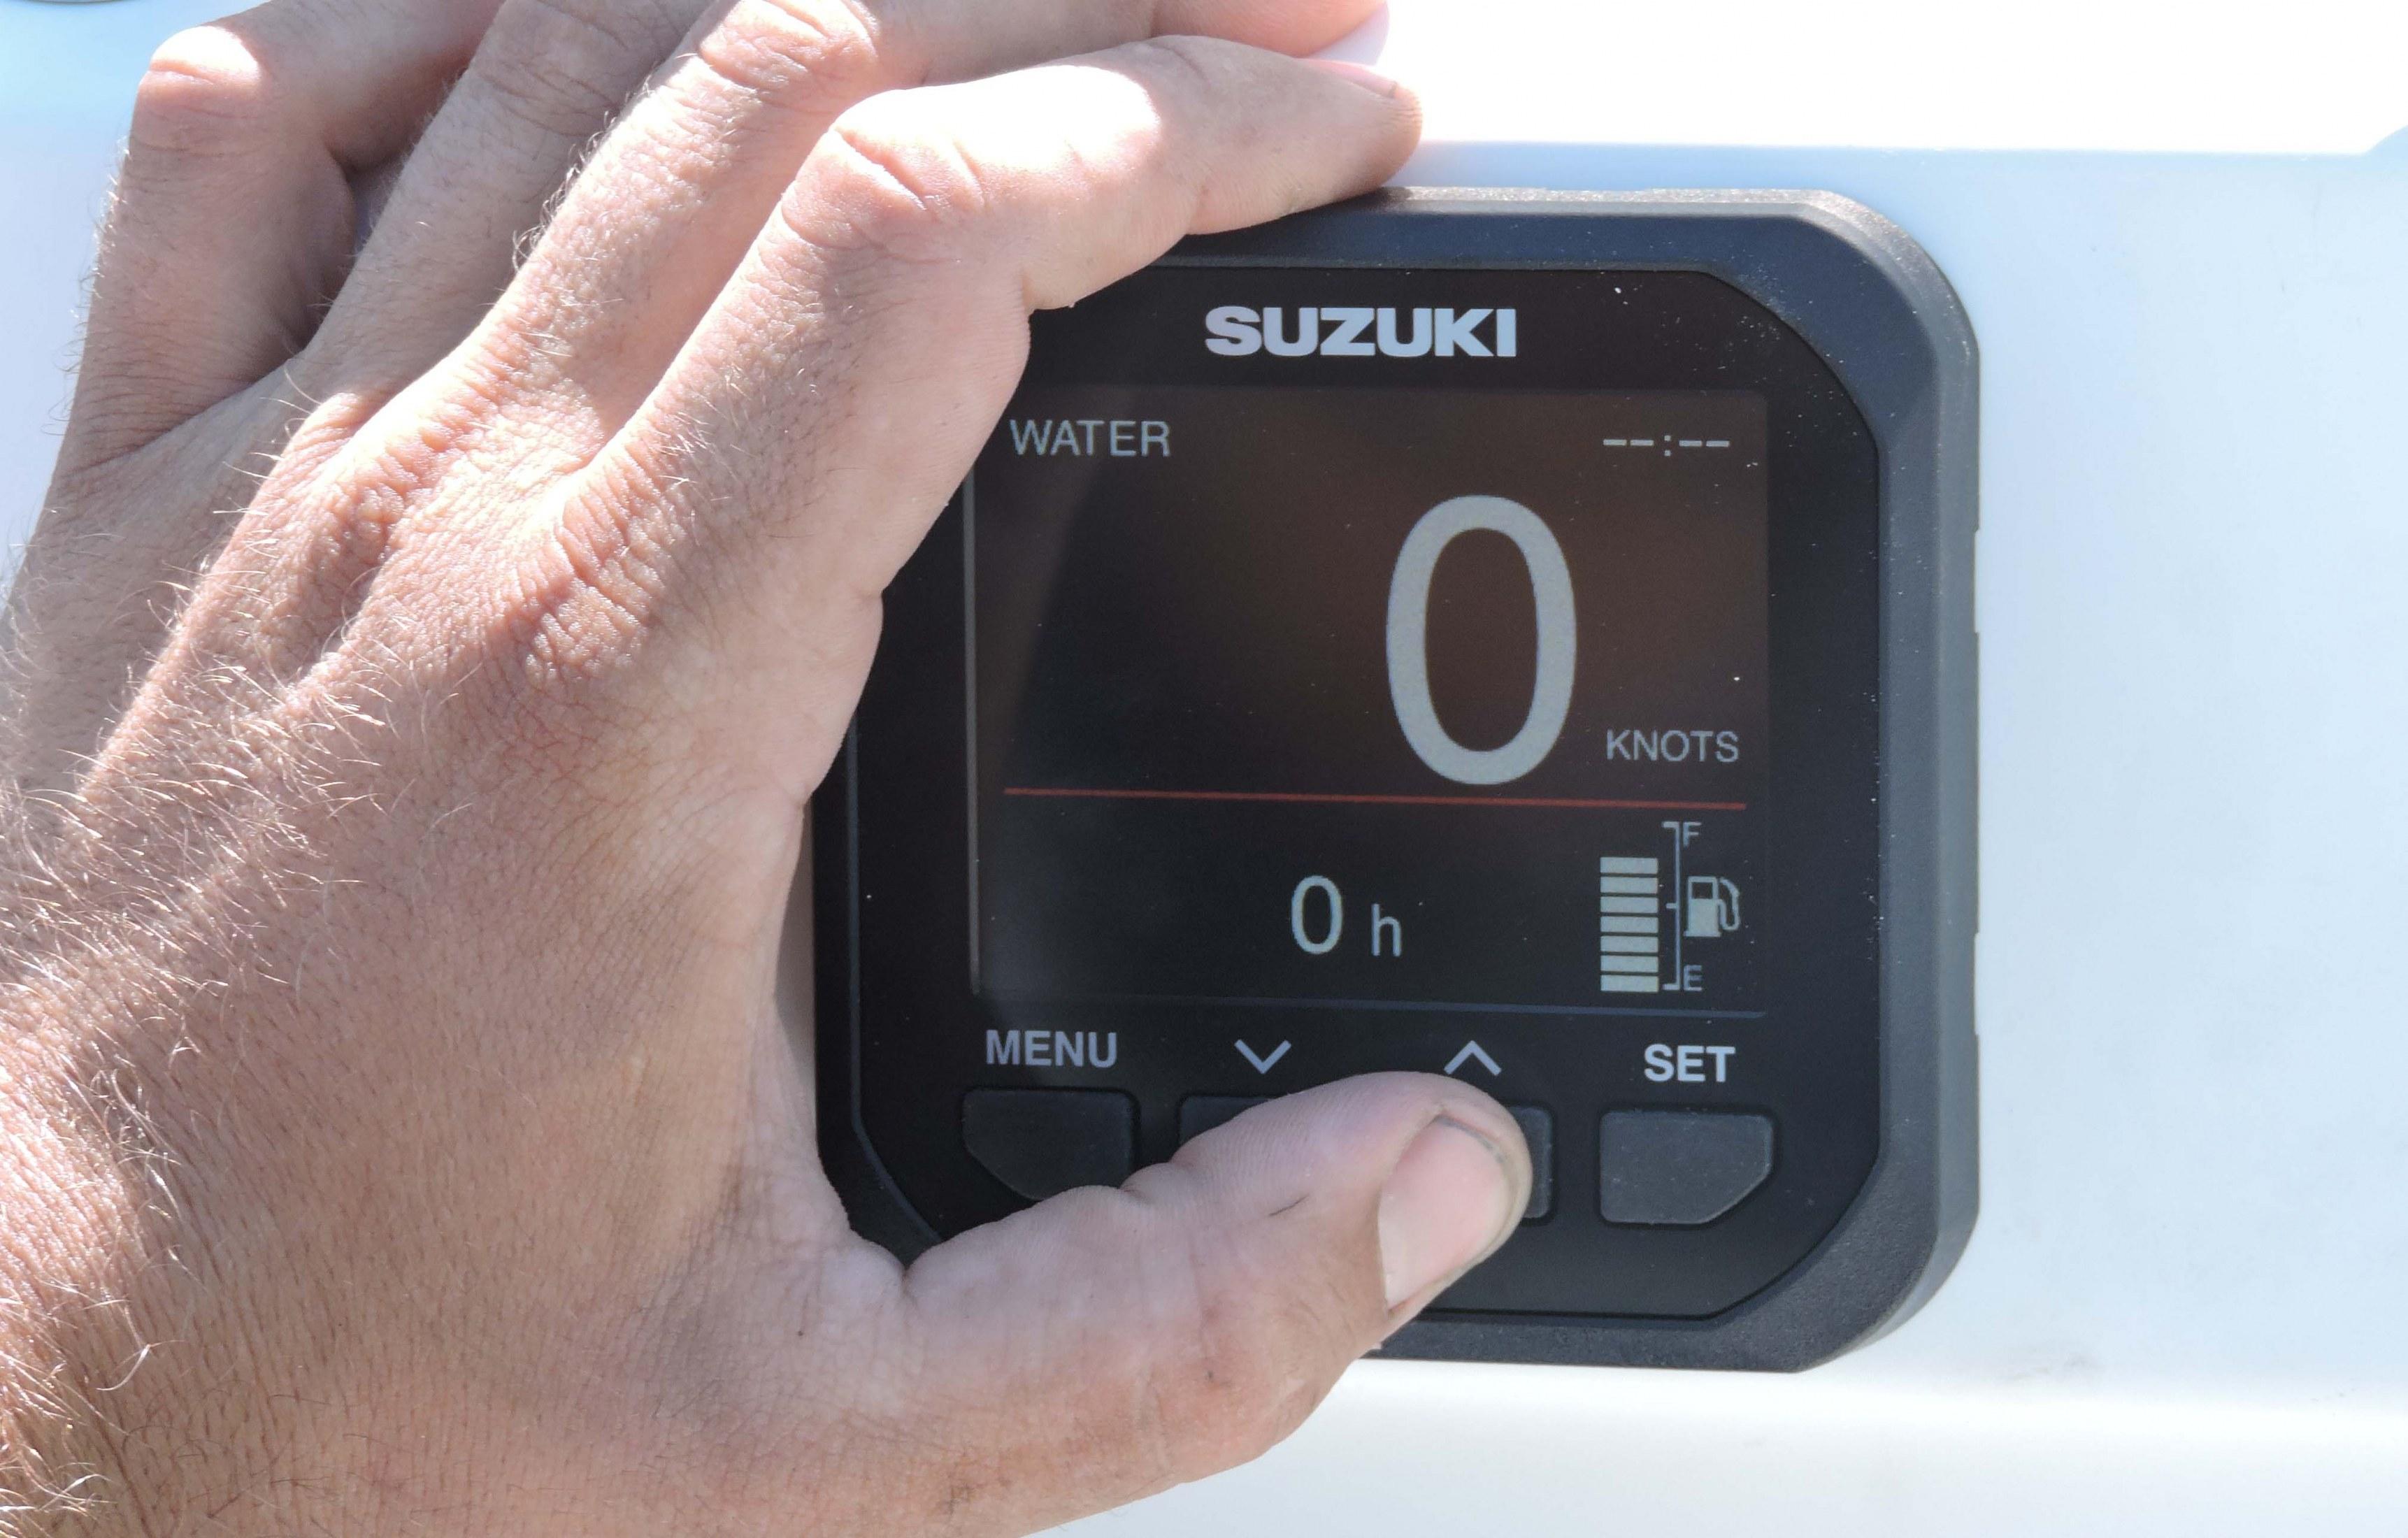 Nove Suzukijeve urice